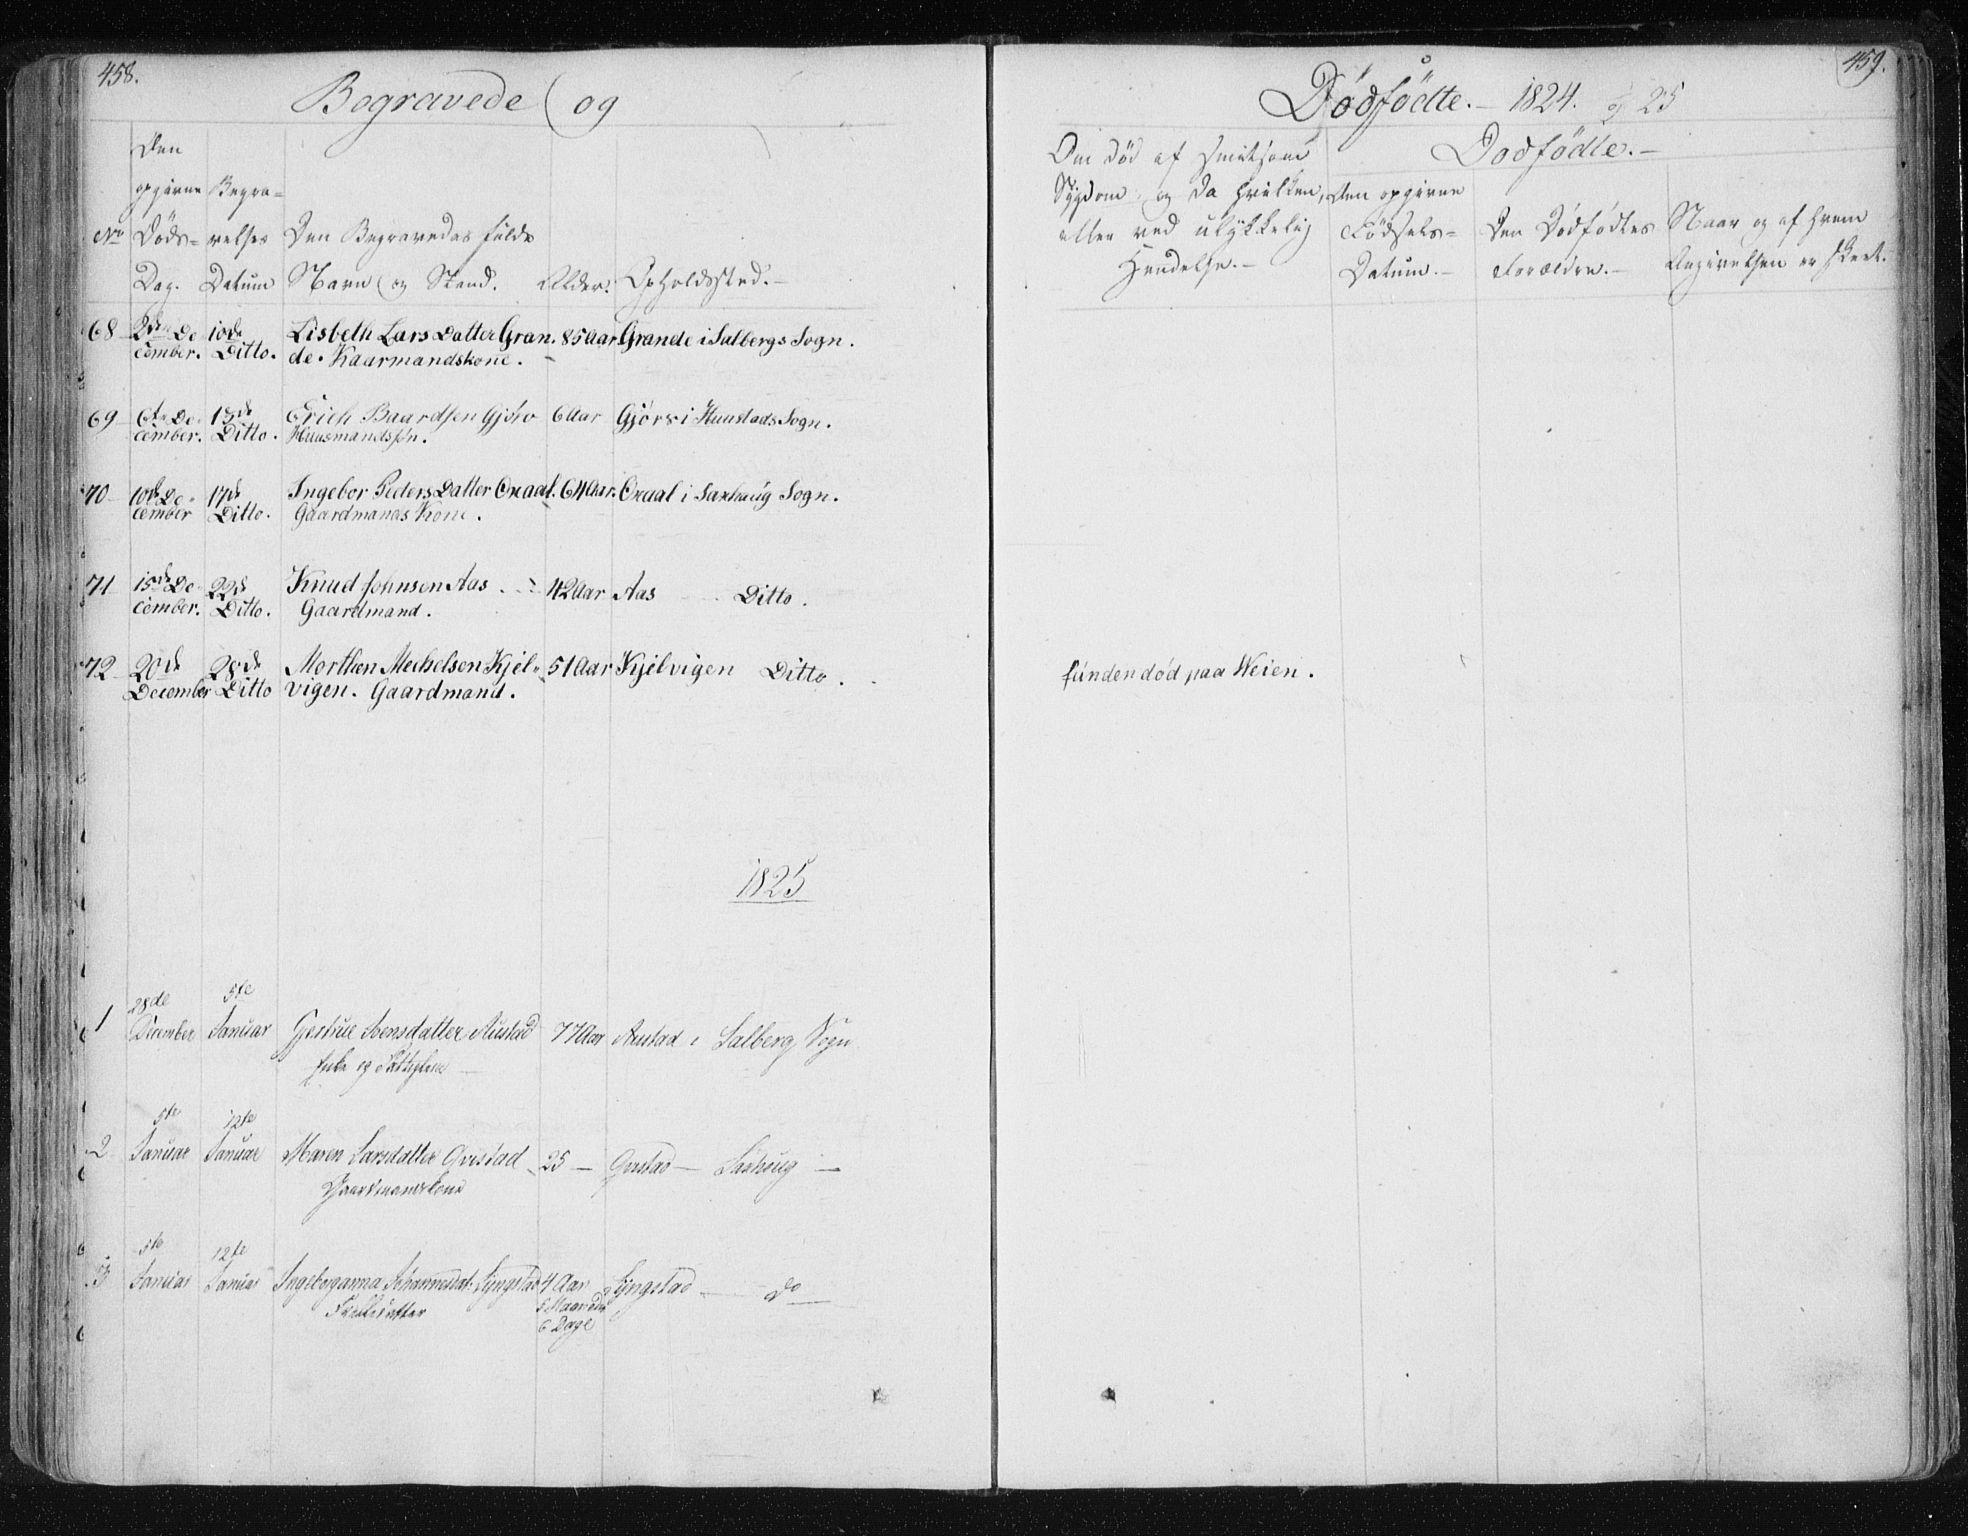 SAT, Ministerialprotokoller, klokkerbøker og fødselsregistre - Nord-Trøndelag, 730/L0276: Ministerialbok nr. 730A05, 1822-1830, s. 458-459